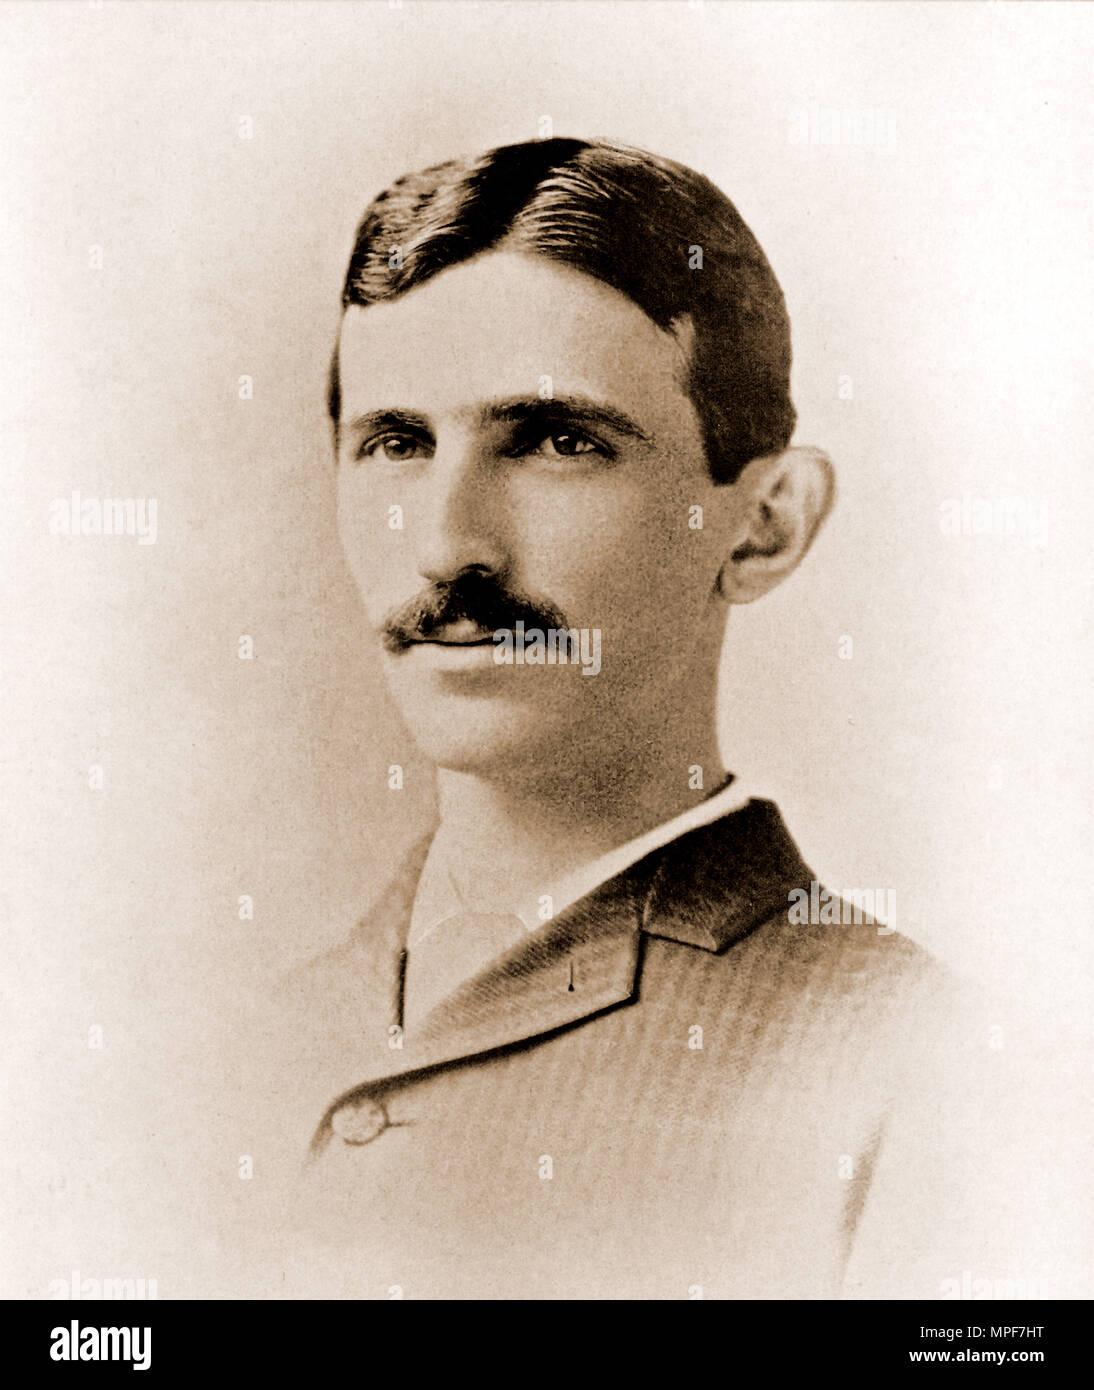 Portrait of young Nicola Tesla - Stock Image